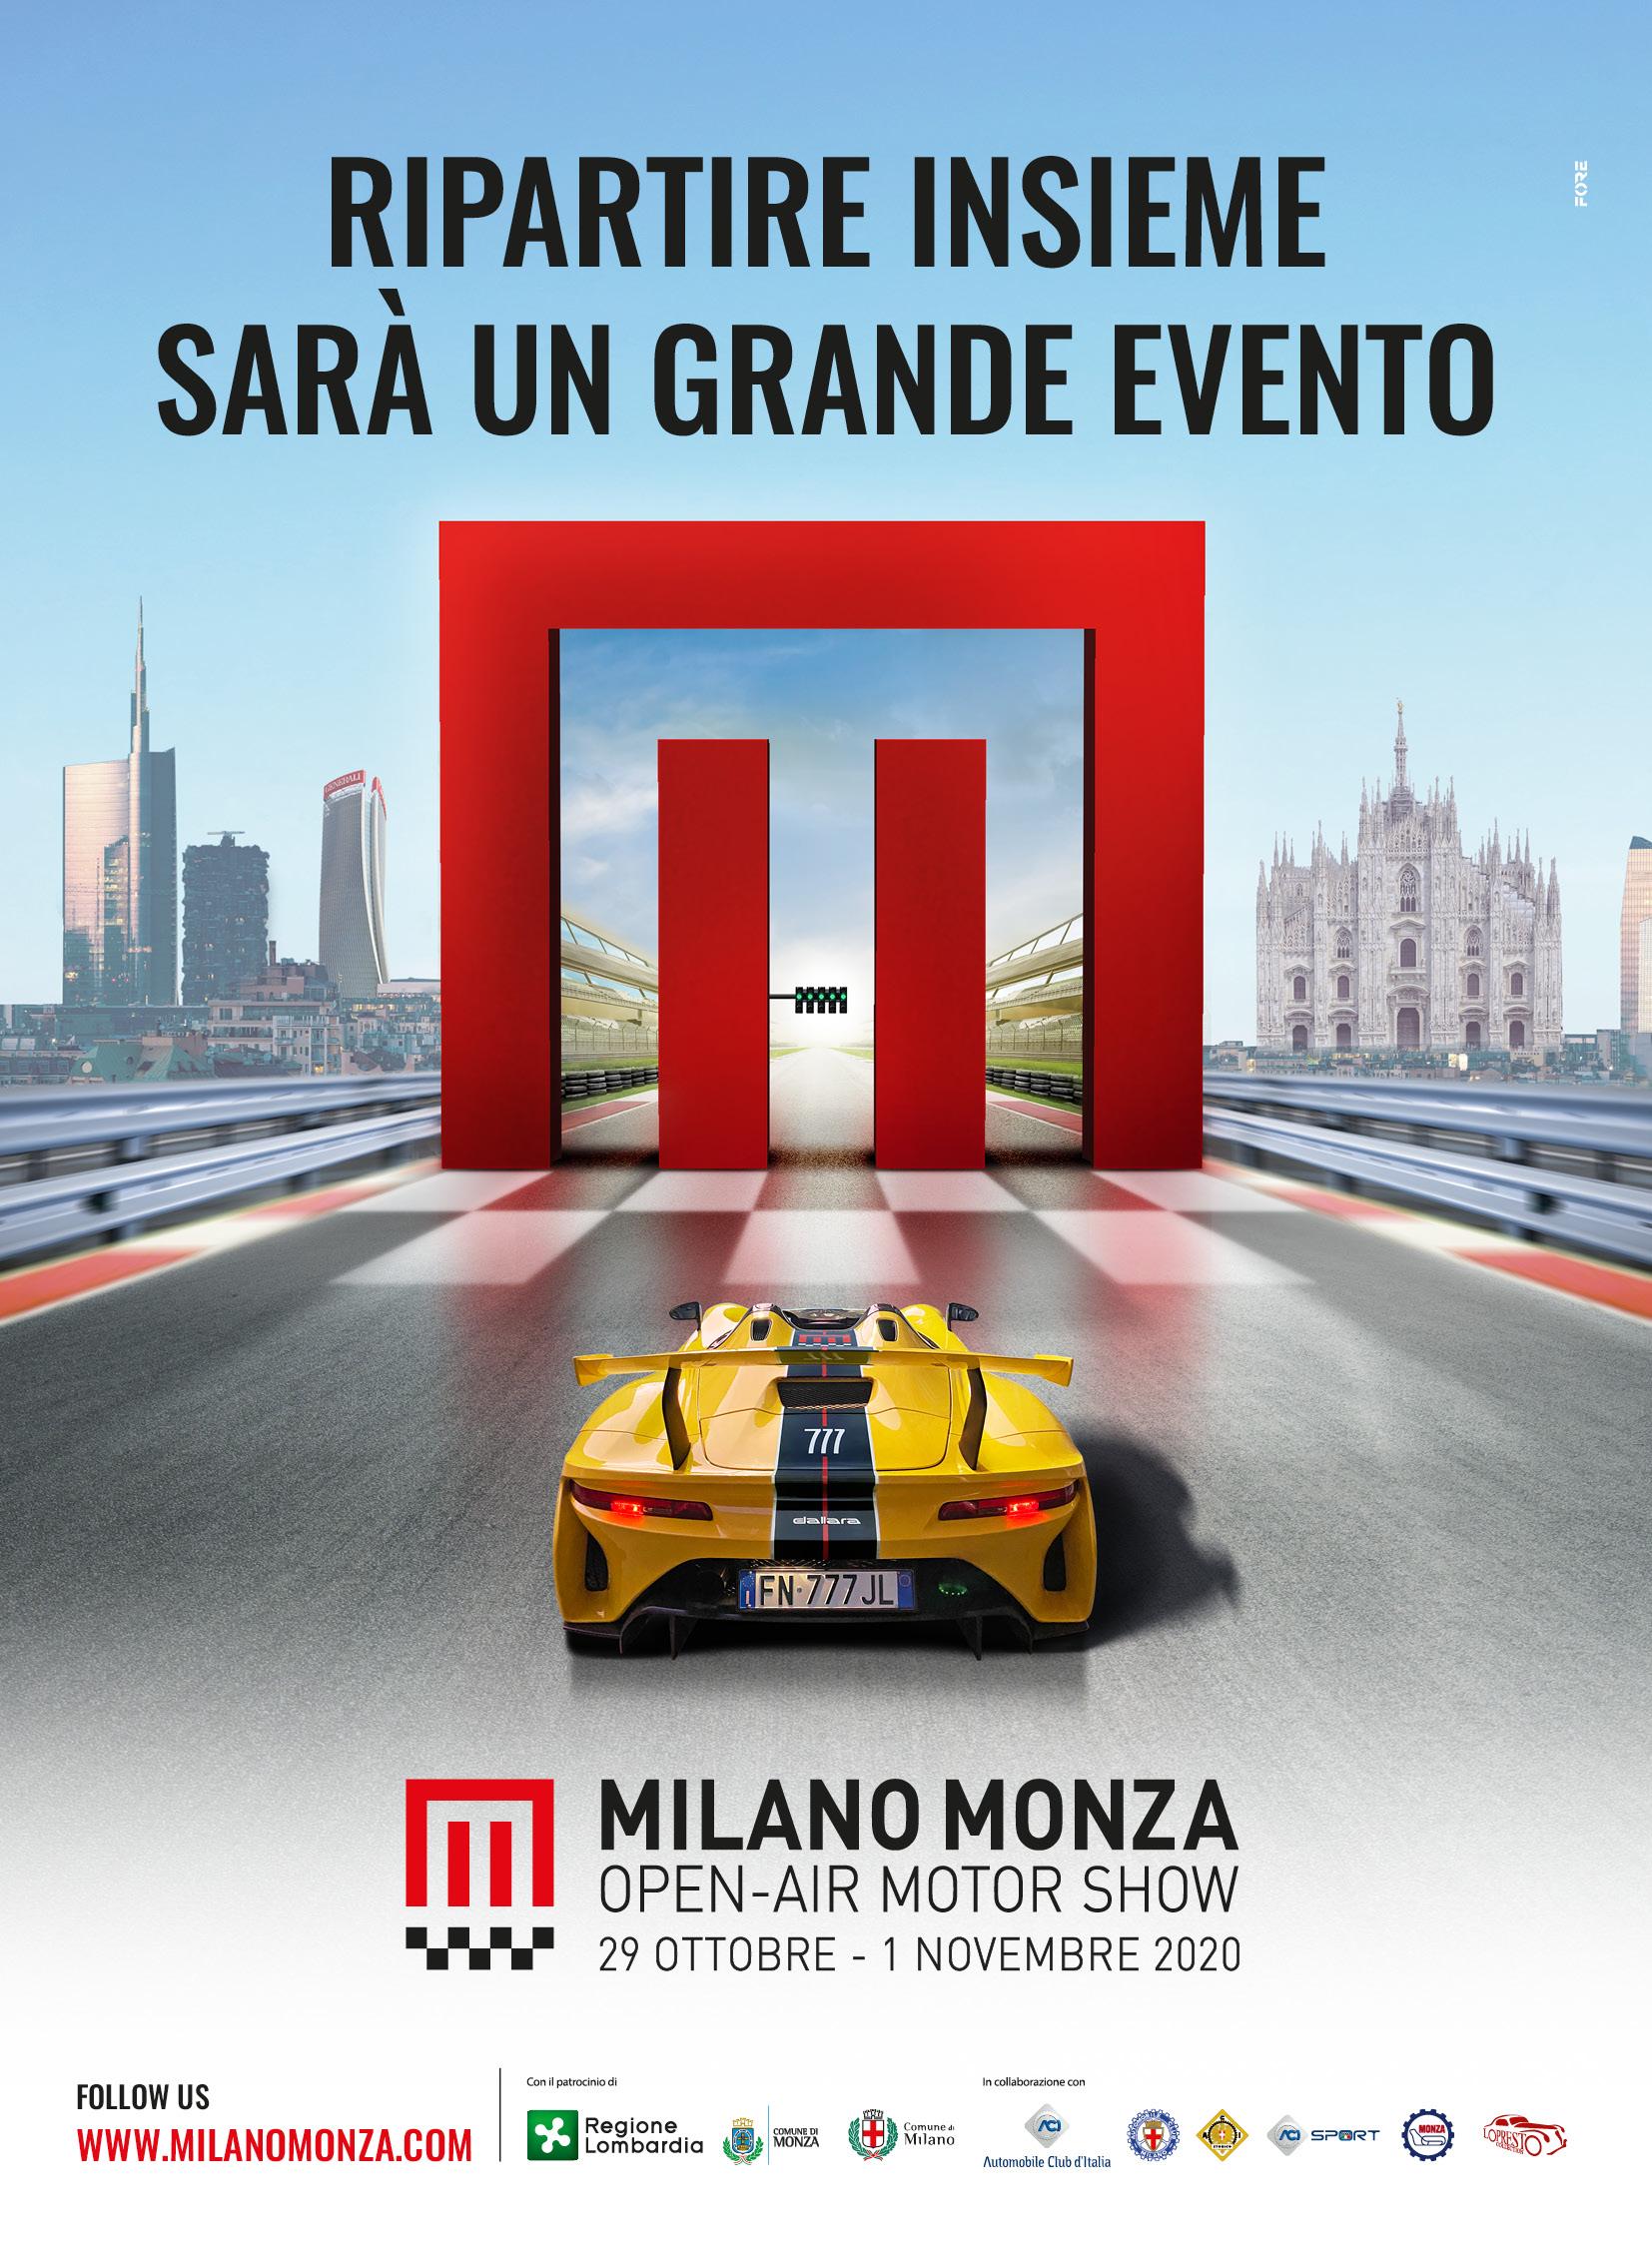 Milano Monza Open Air Motor Show rinviato a ottobre 2020